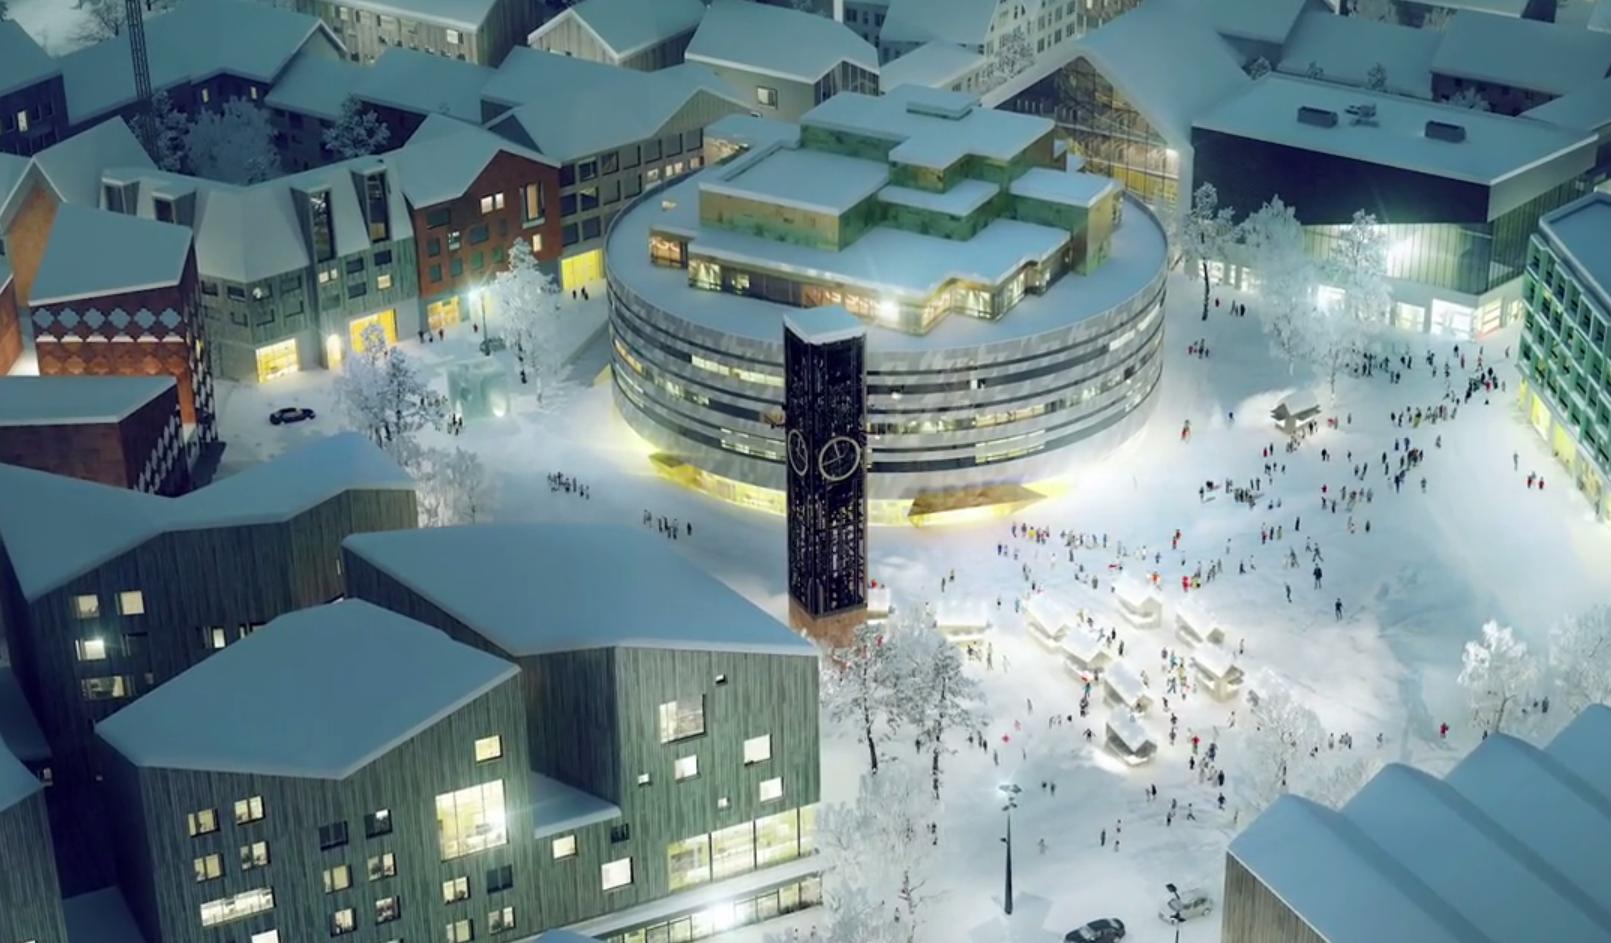 Šveđani se opraštaju od grada koji tone u rudnike ispod sebe